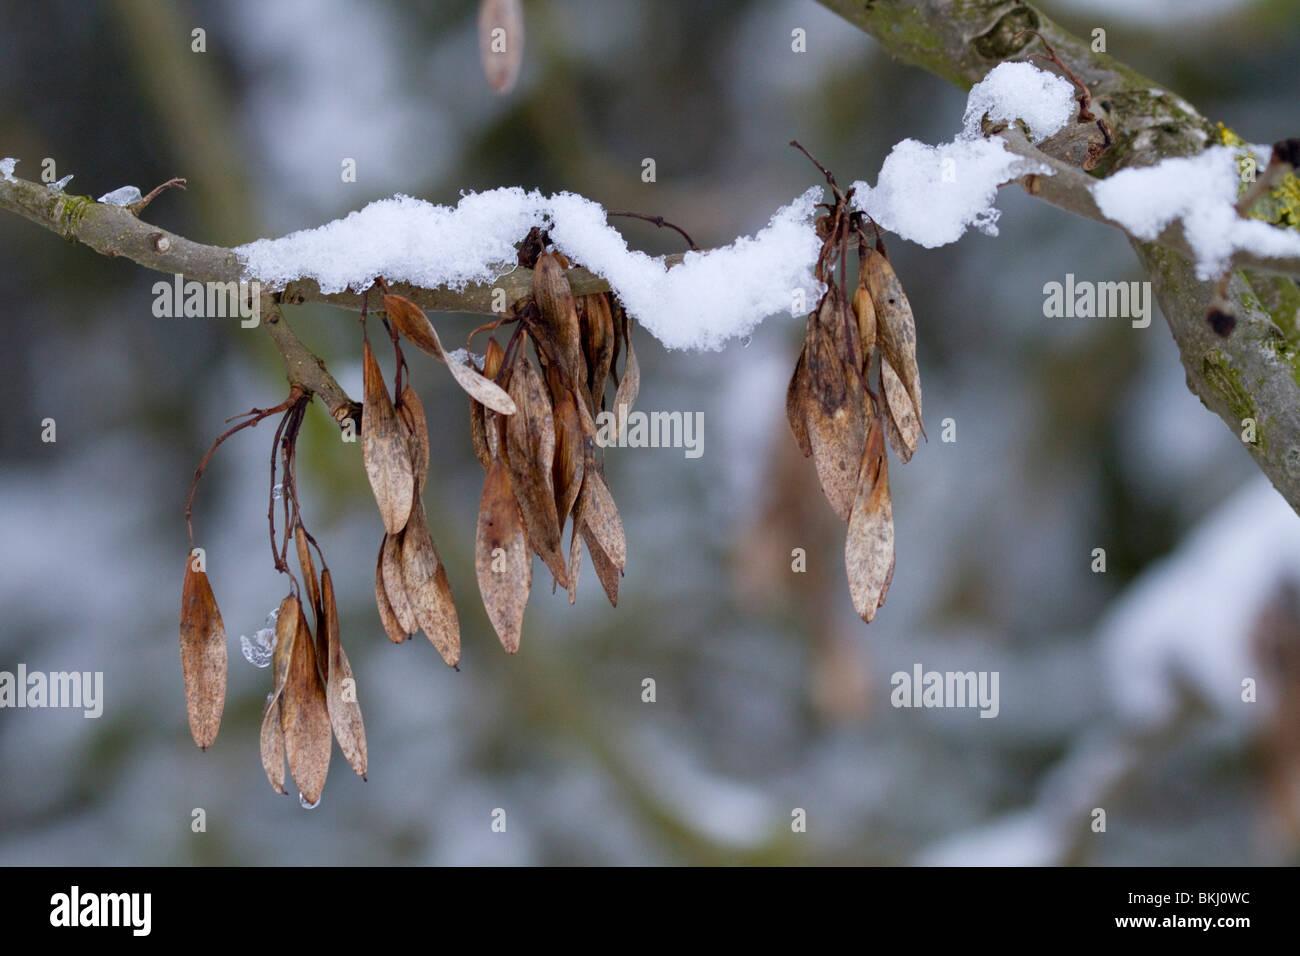 Neige sur frêne clés; l'hiver Photo Stock